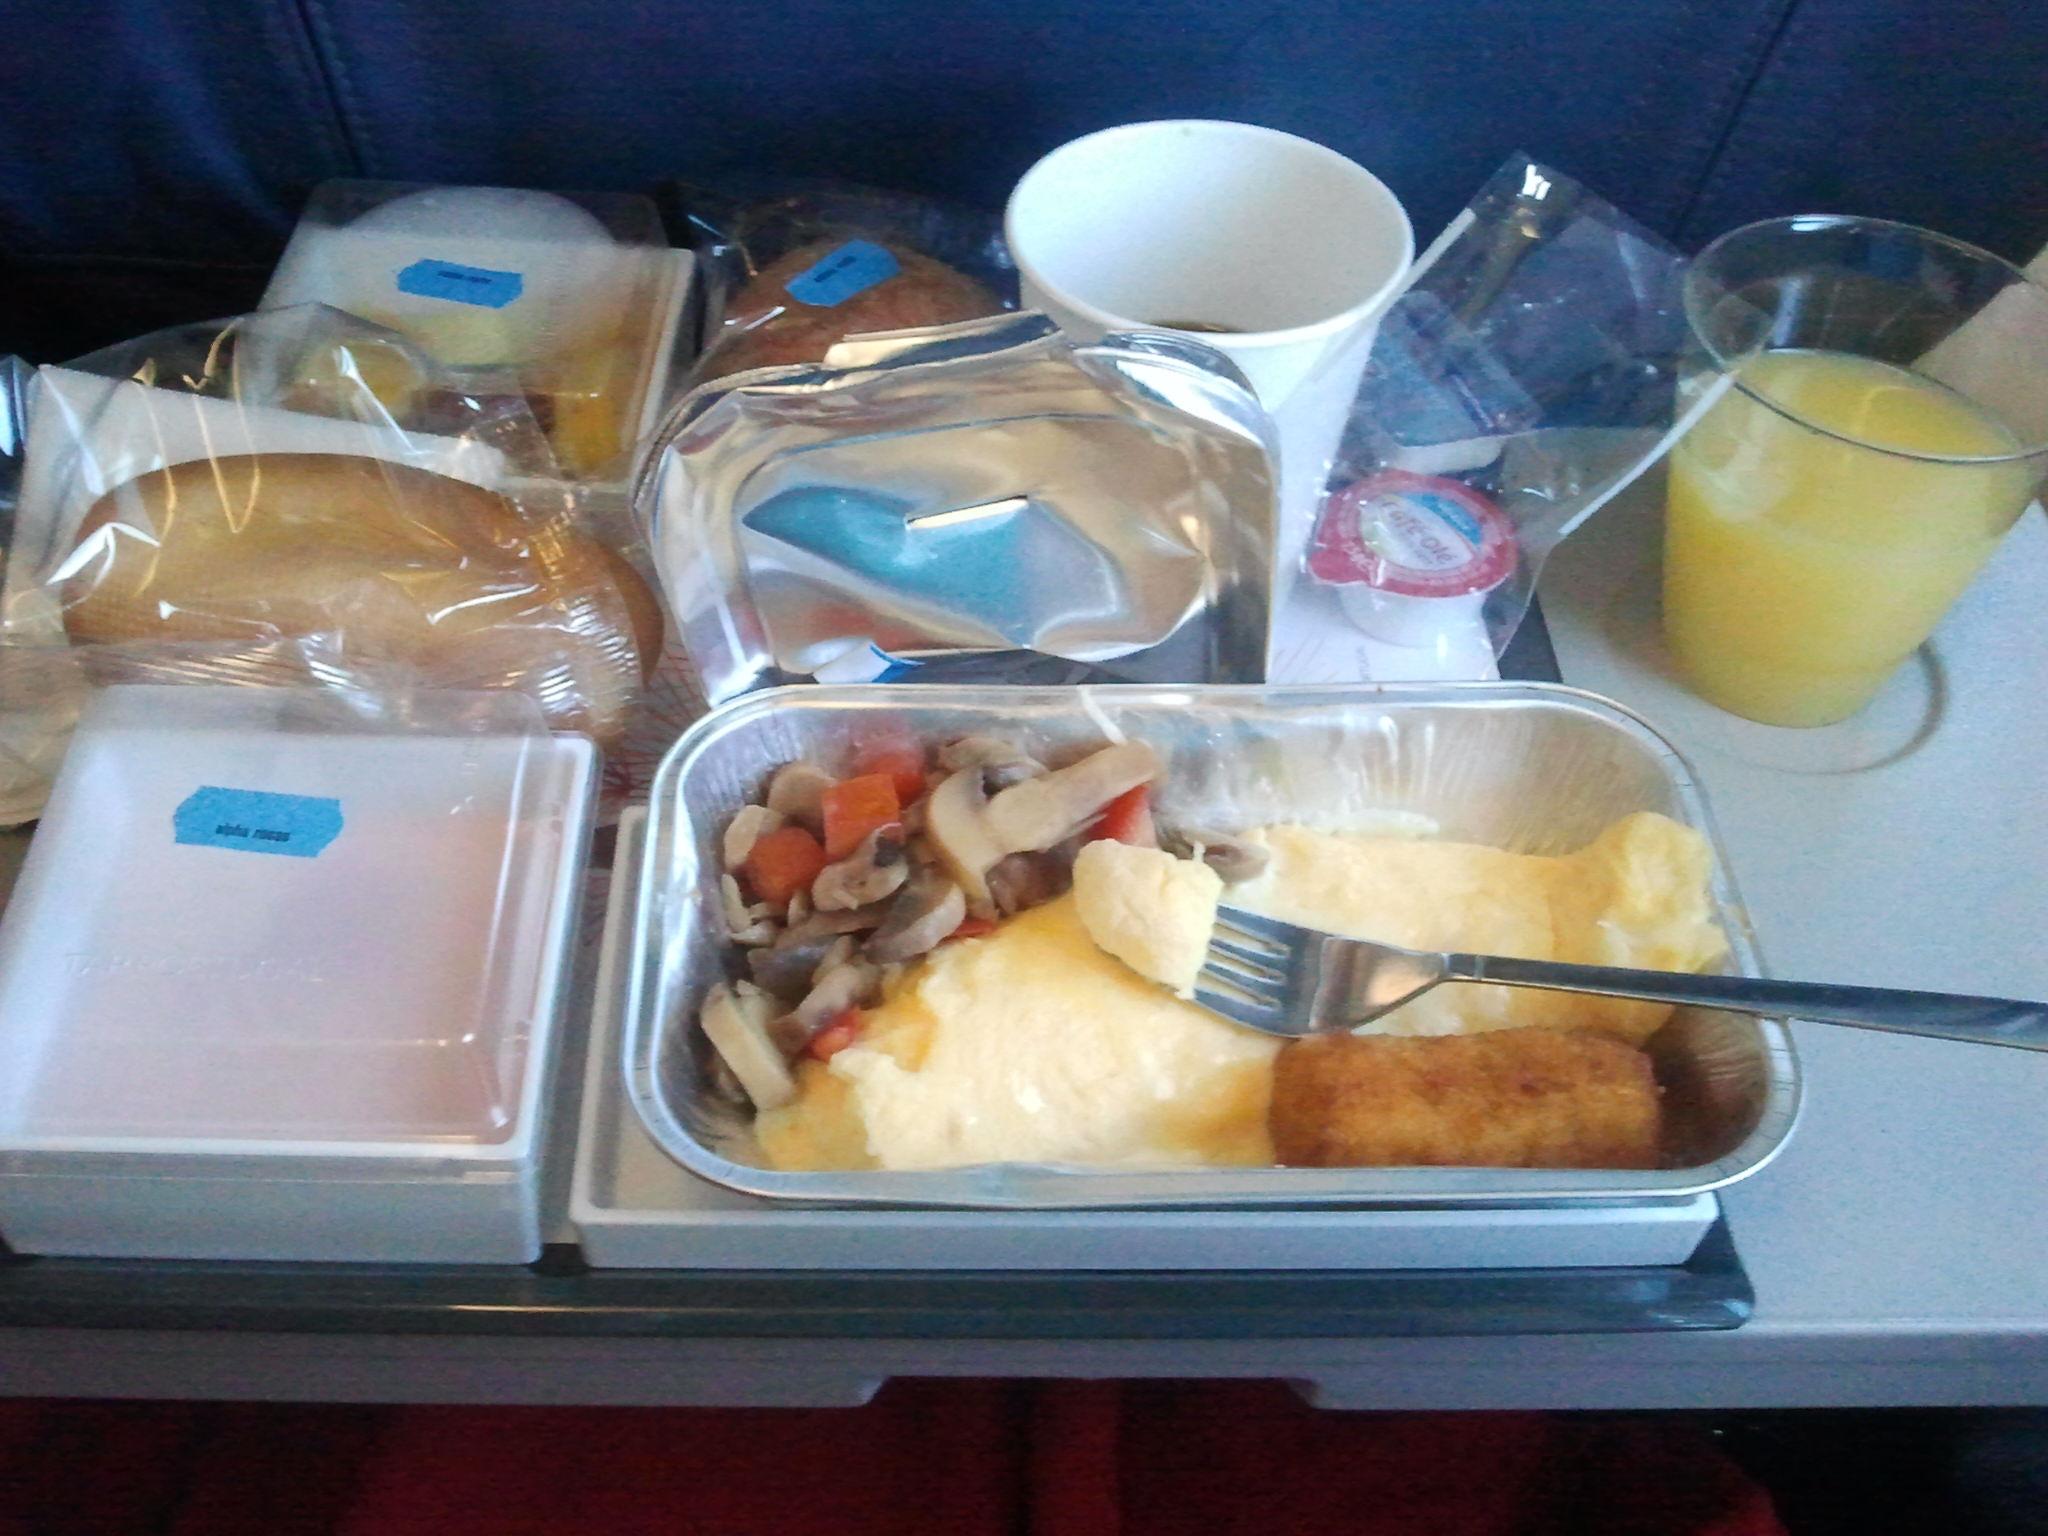 Mic dejun avion TAP Portugal